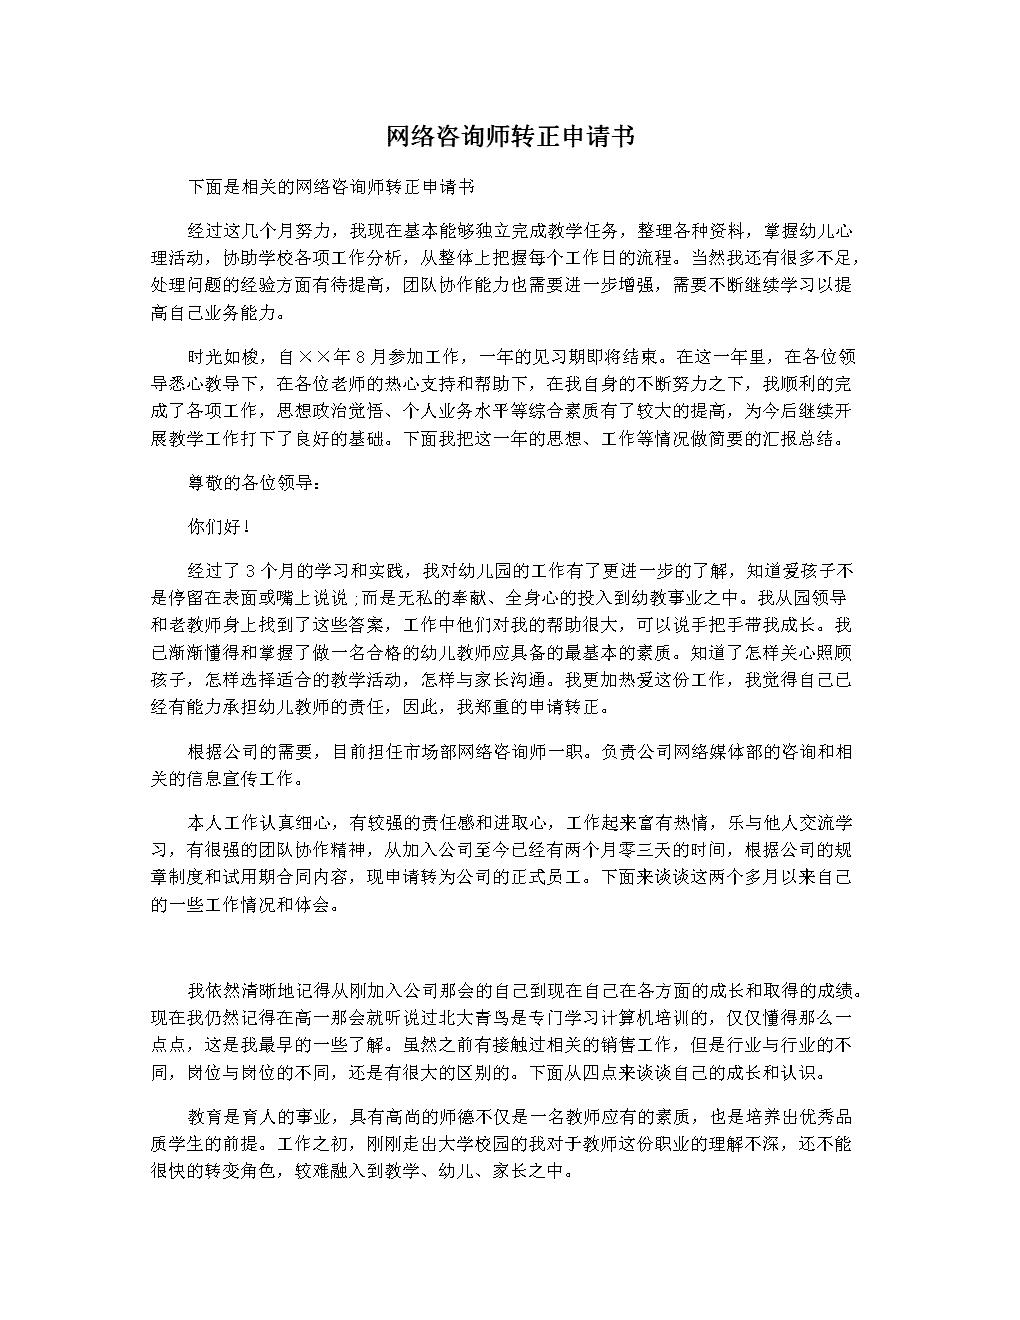 网络咨询师转正申请书.docx